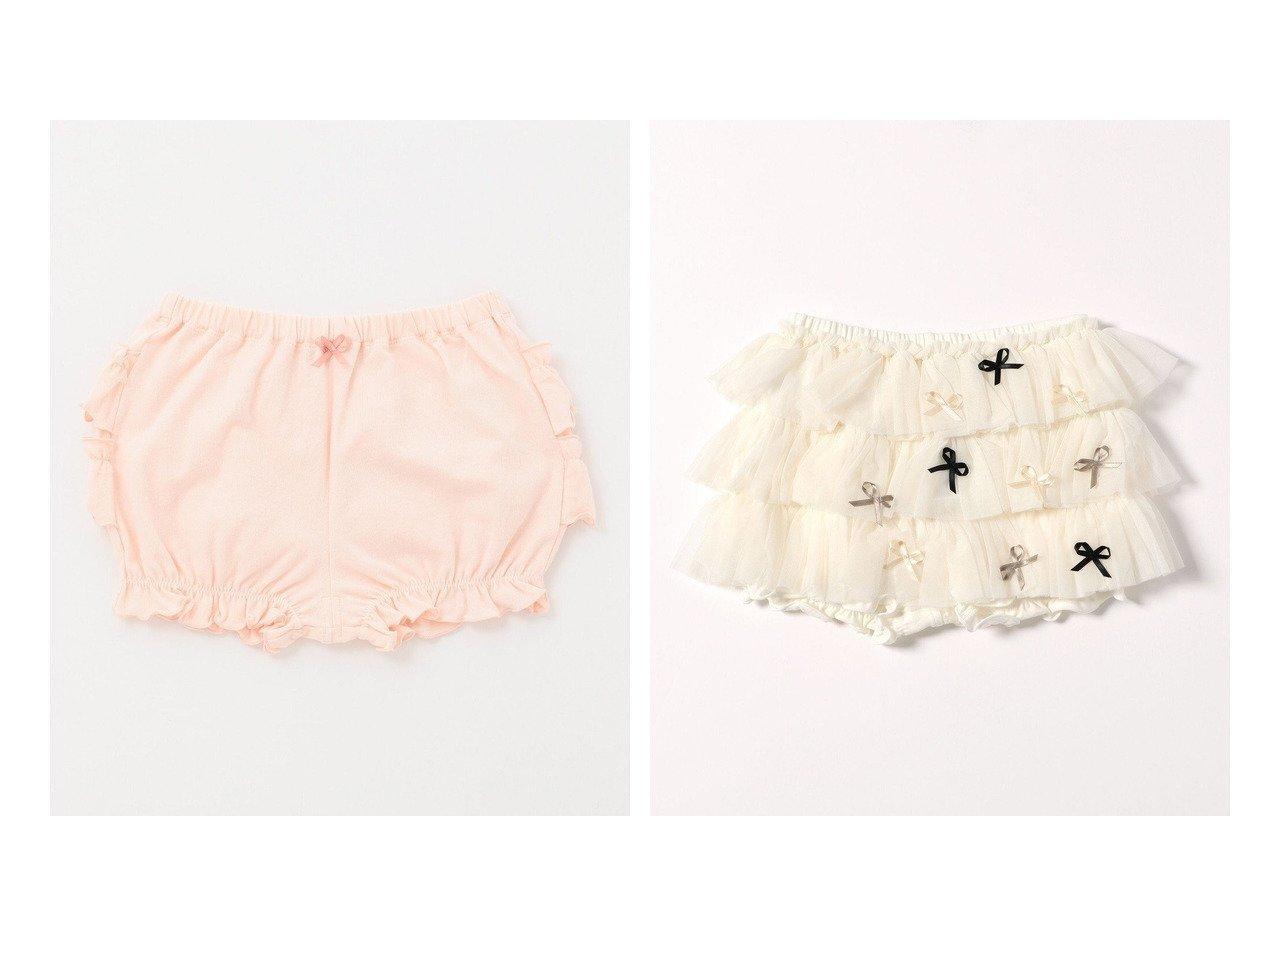 【TOCCA BAMBINI / KIDS/トッカ バンビーニ】の【BABY】フリル ブルマー&【BABY】RIBBONブルマー 【BABY】ベビー服のおすすめ!人気、キッズファッションの通販 おすすめで人気の流行・トレンド、ファッションの通販商品 インテリア・家具・メンズファッション・キッズファッション・レディースファッション・服の通販 founy(ファニー) https://founy.com/ ファッション Fashion キッズファッション KIDS ボトムス Bottoms/Kids 送料無料 Free Shipping アンダー カットソー シンプル チュニック フリル ベビー ベーシック リボン ローズ おすすめ Recommend ギャザー シルク チュール  ID:crp329100000044638